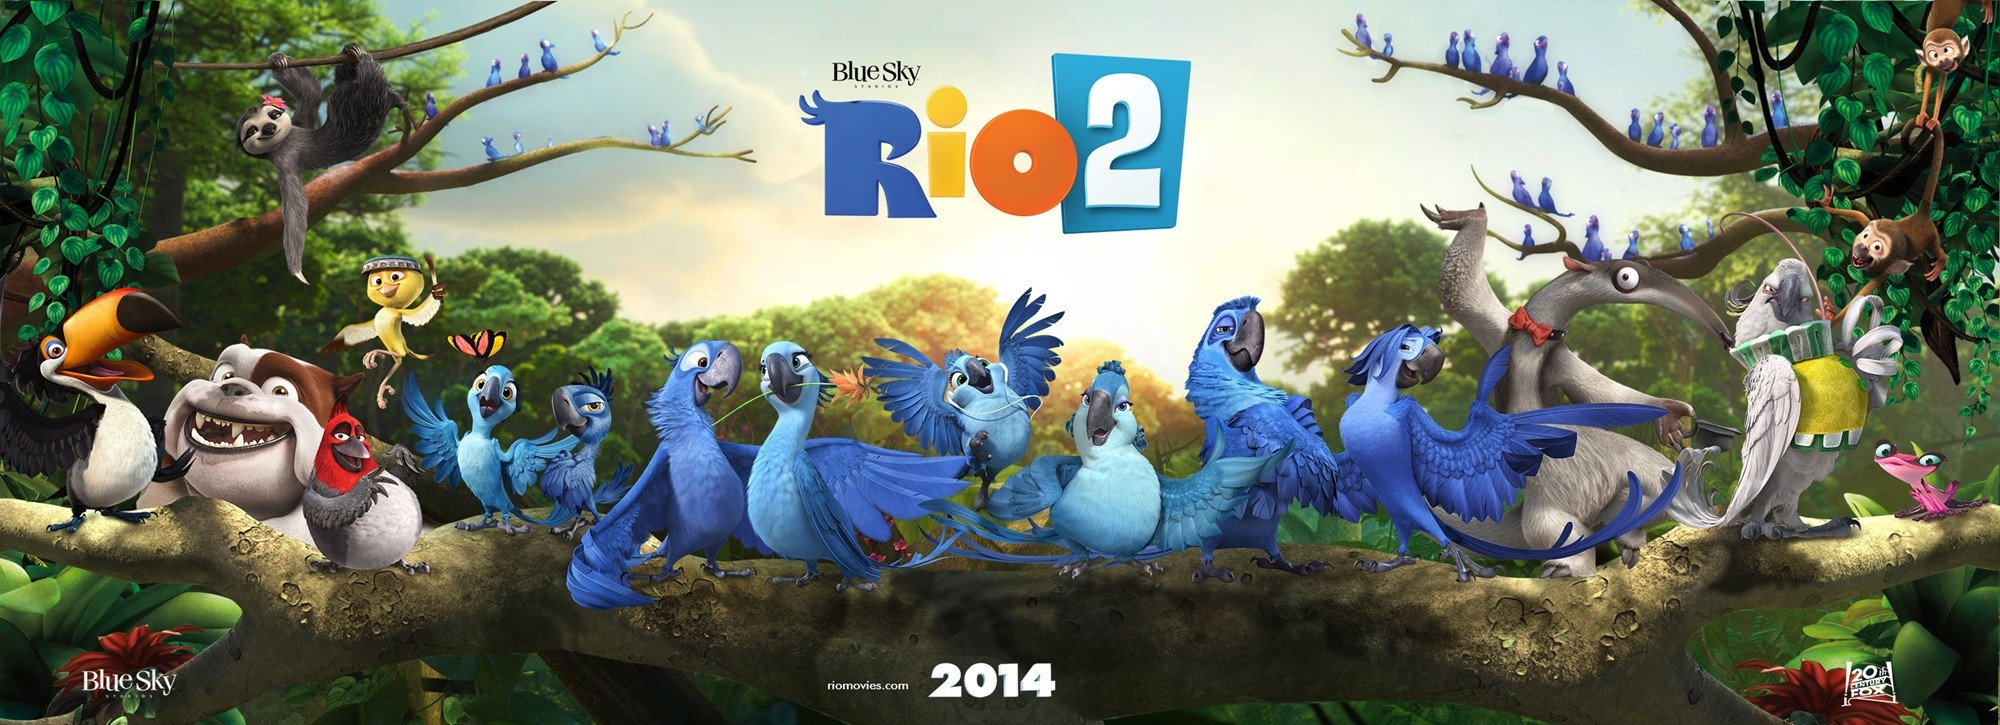 image - rio-2-poster | rio wiki | fandom poweredwikia